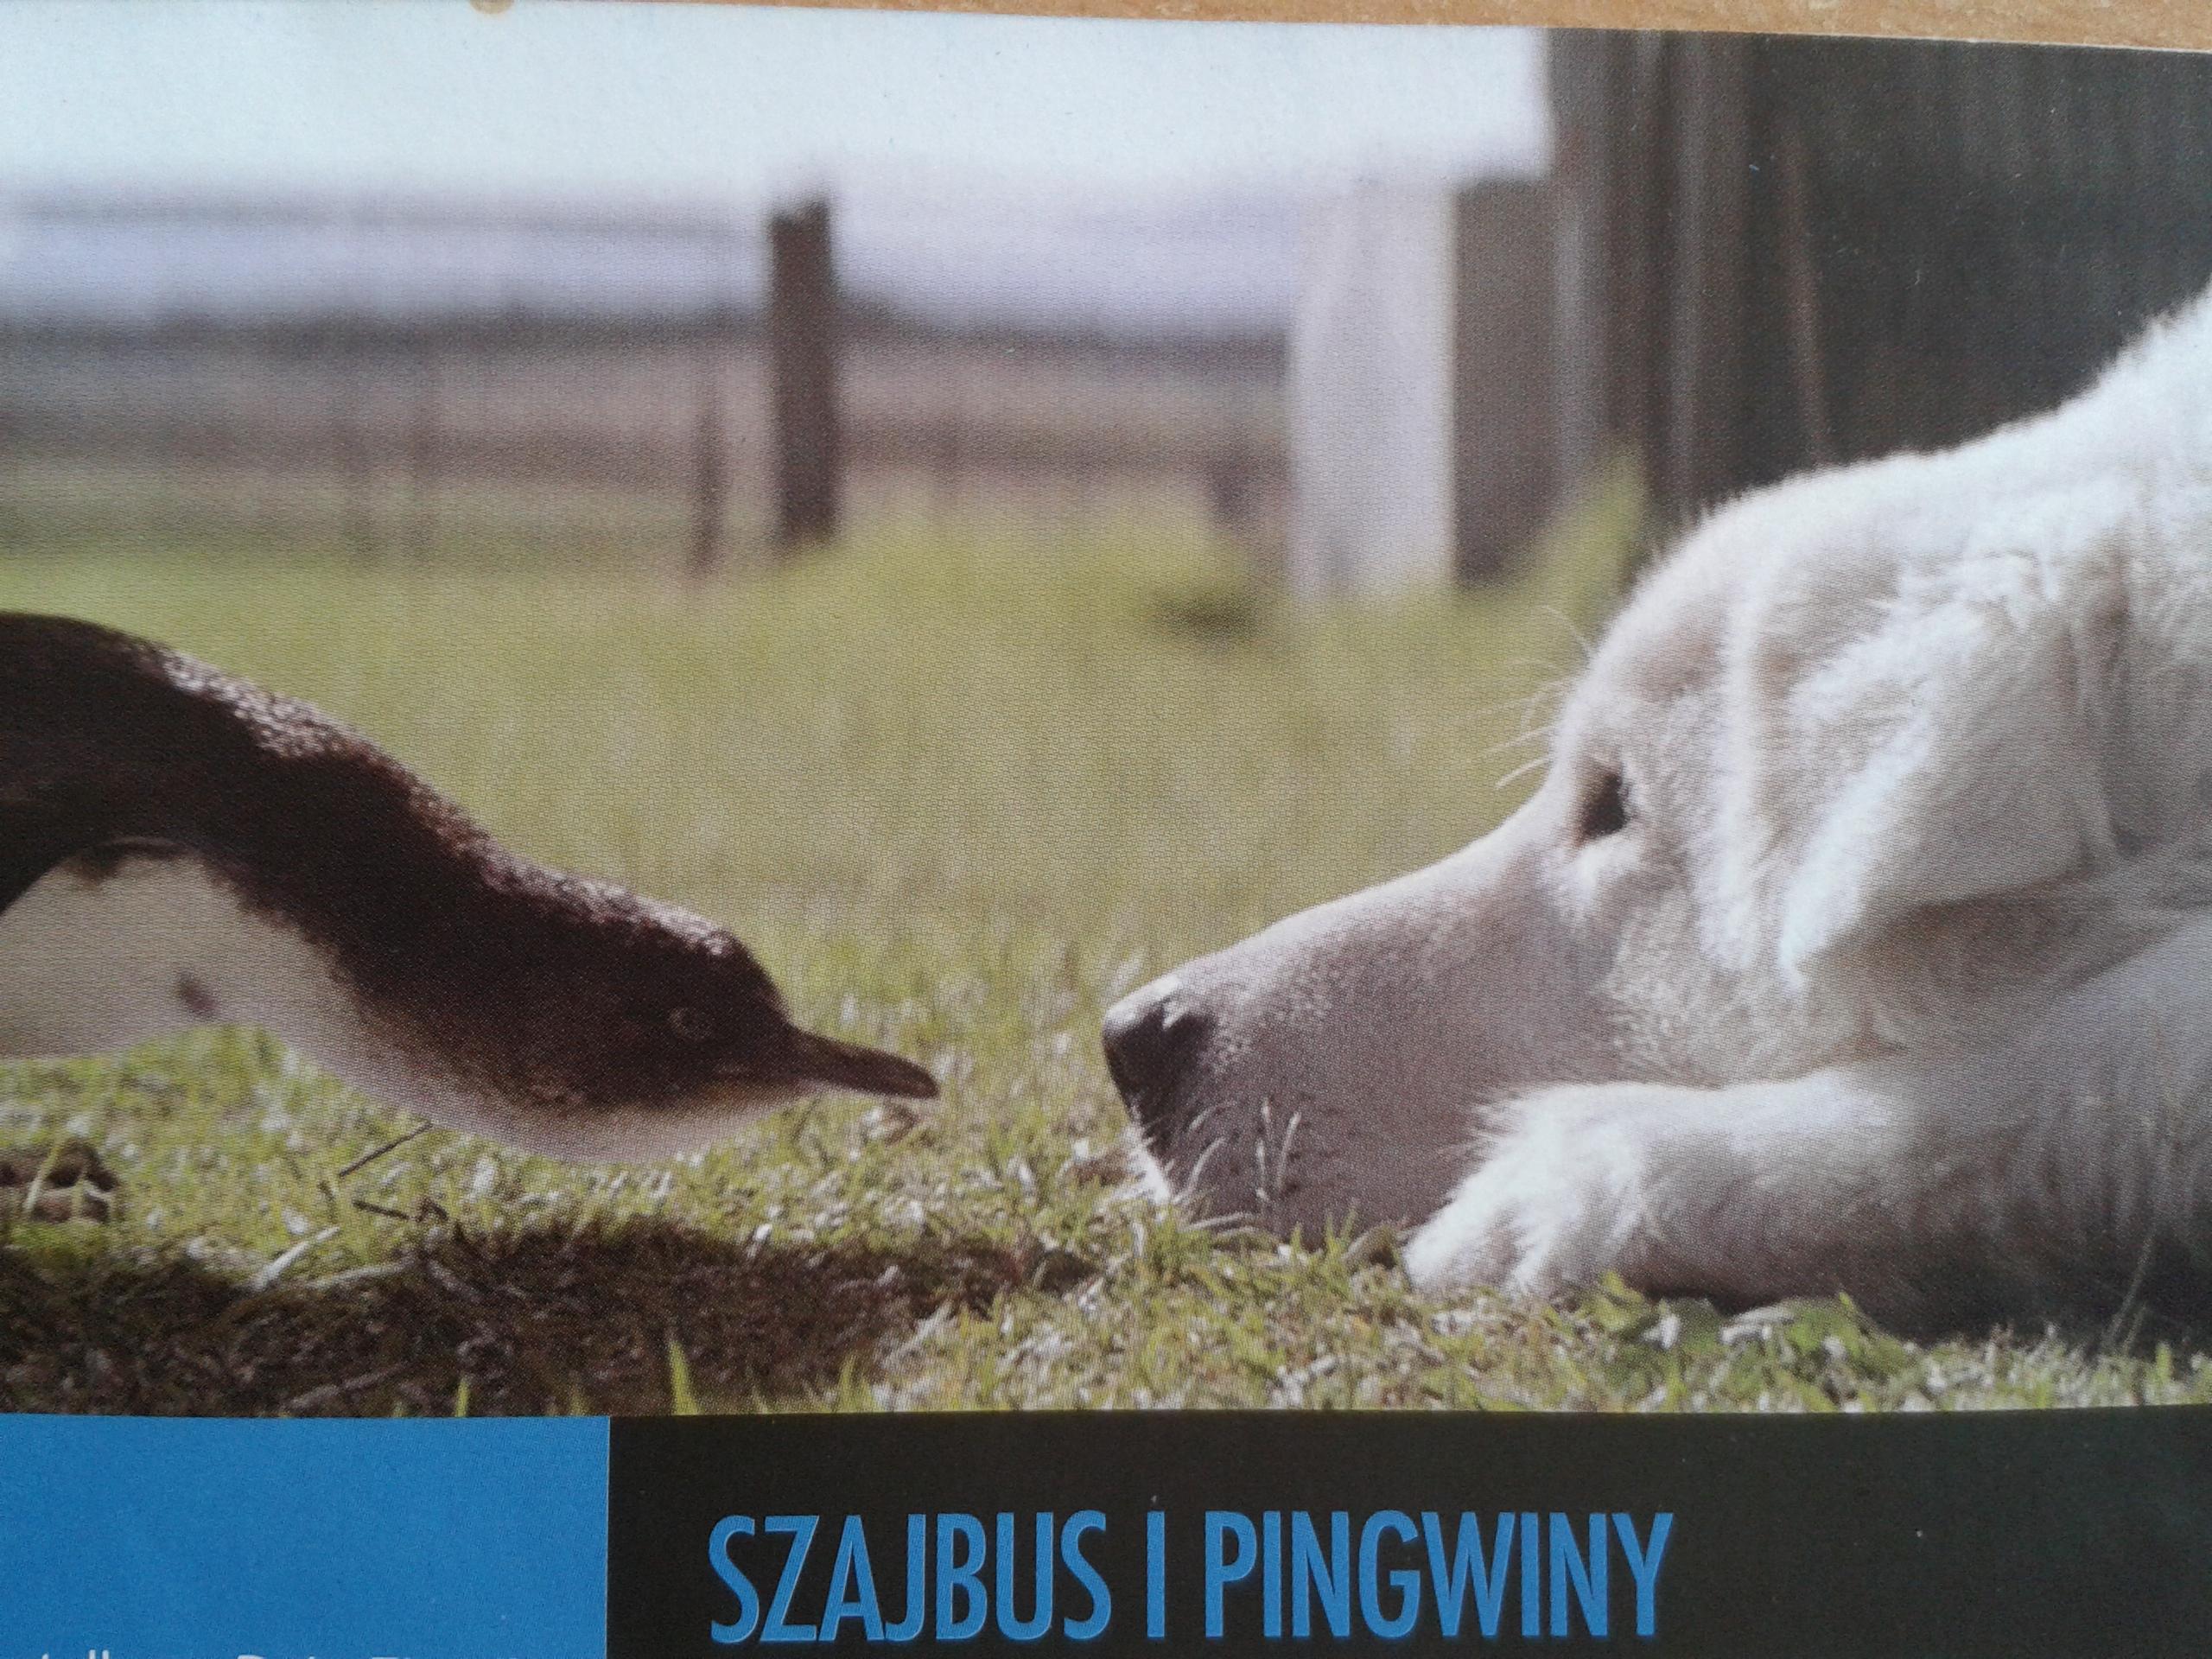 """Lekcja w kinie i projekcja filmu """"Szajbus i pingwiny"""", kl. I-III, 24 kwietnia 2017 r."""